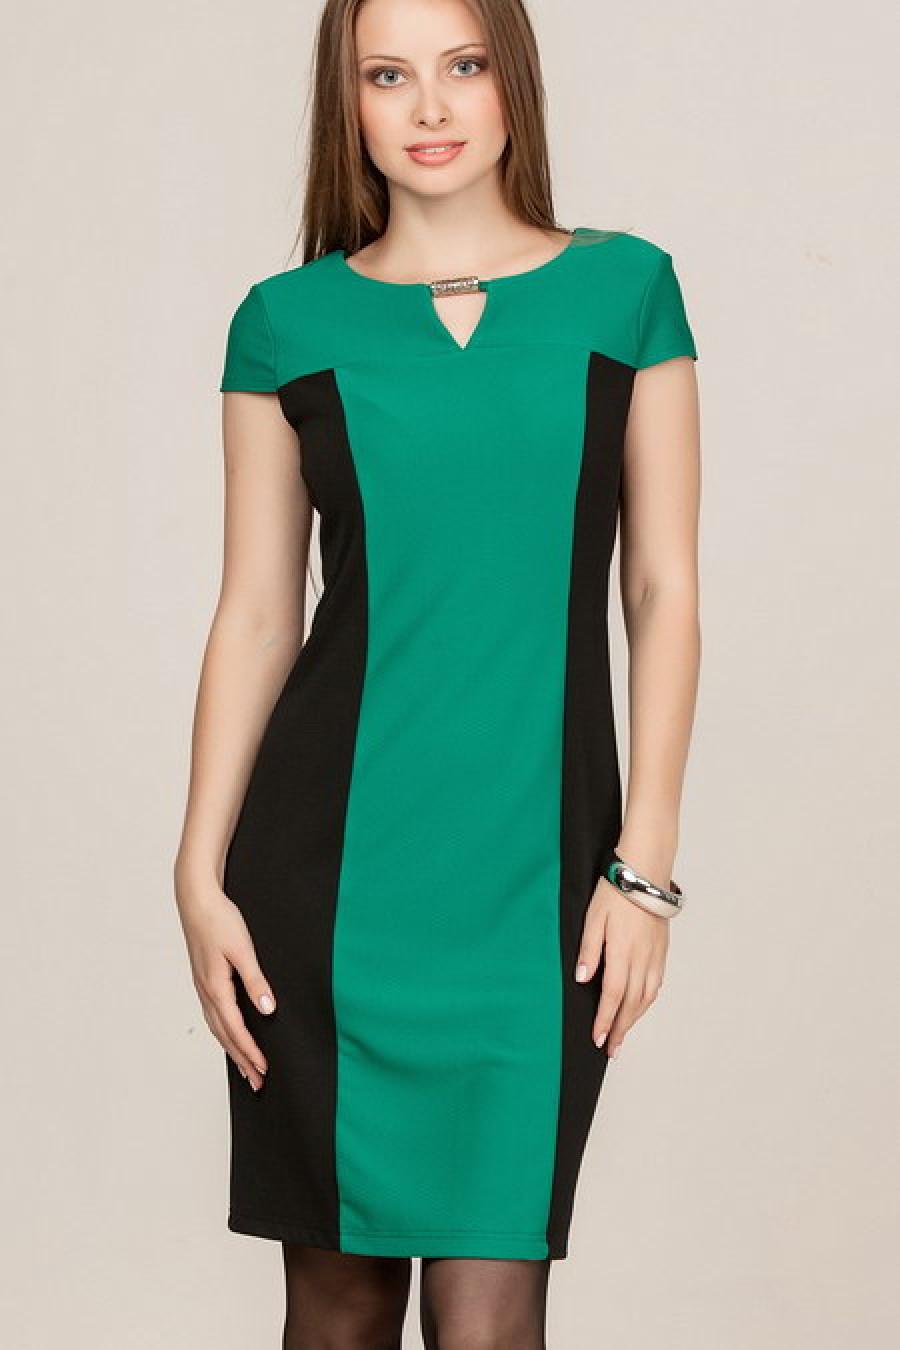 Комбинированные платья фото из двух цветов для полных